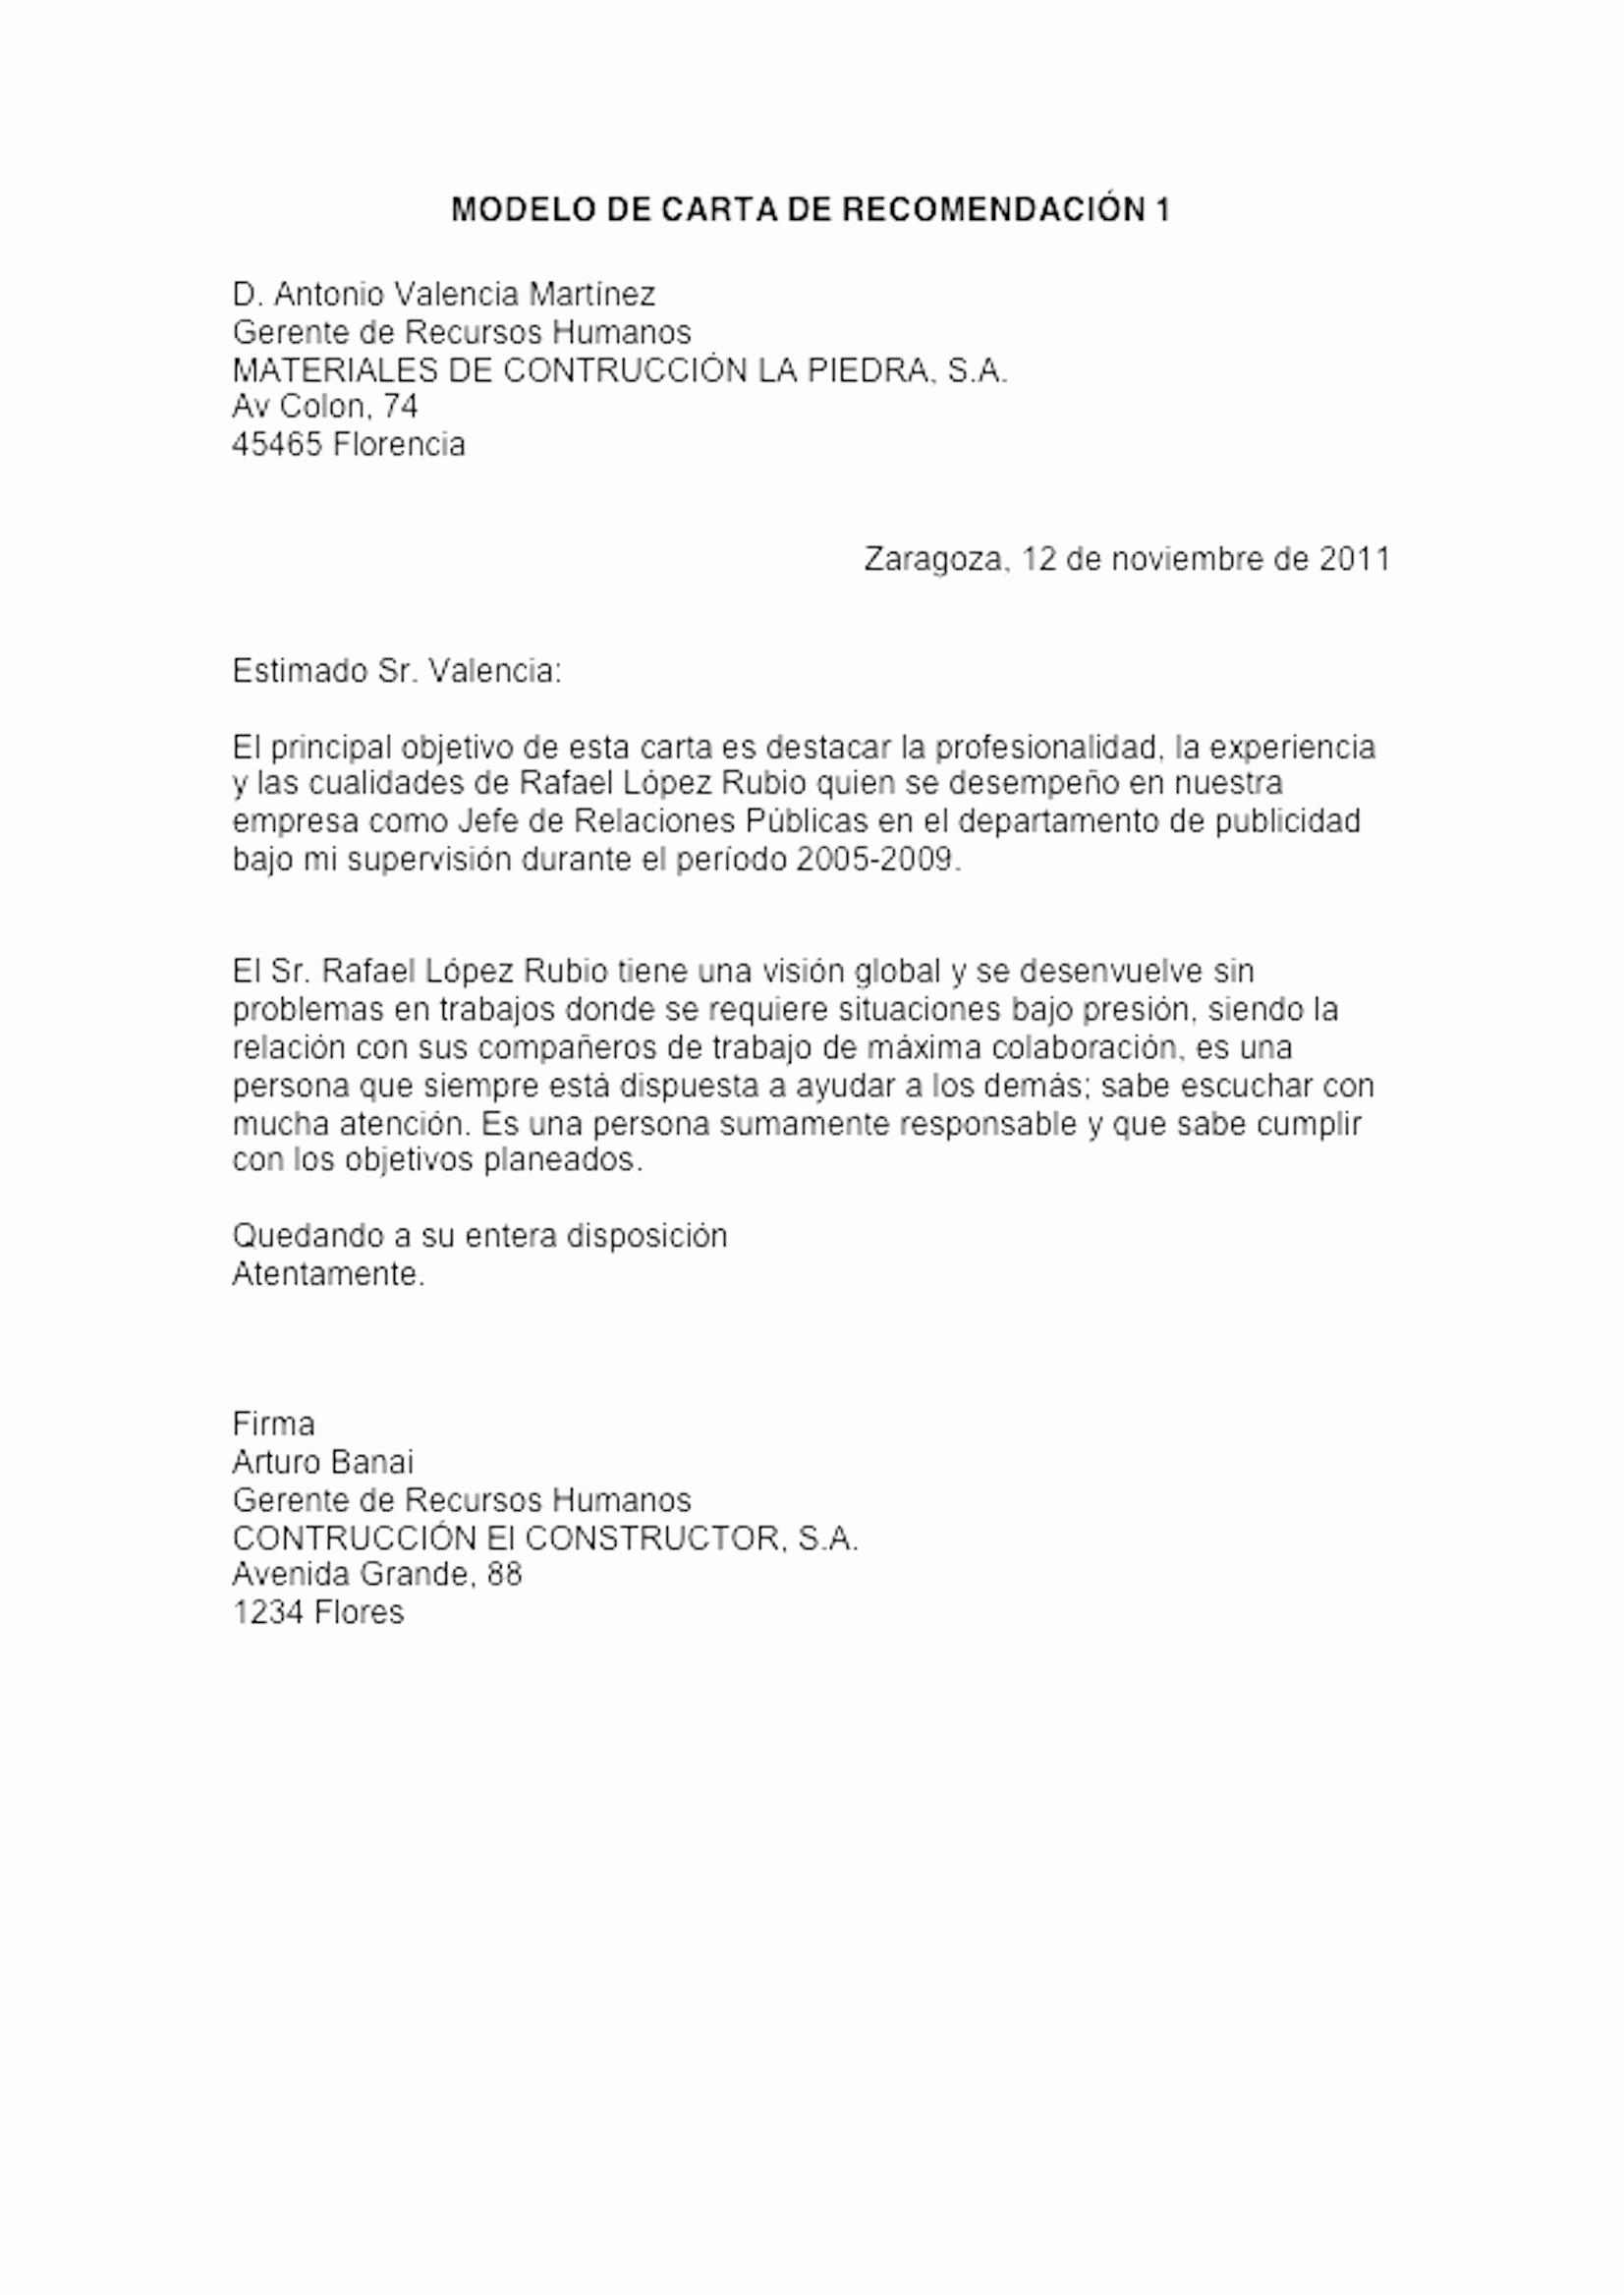 Formato Cartas De Recomendacion Laboral Lovely Resultado De Imagen Para Carta De Re Endacion Machote